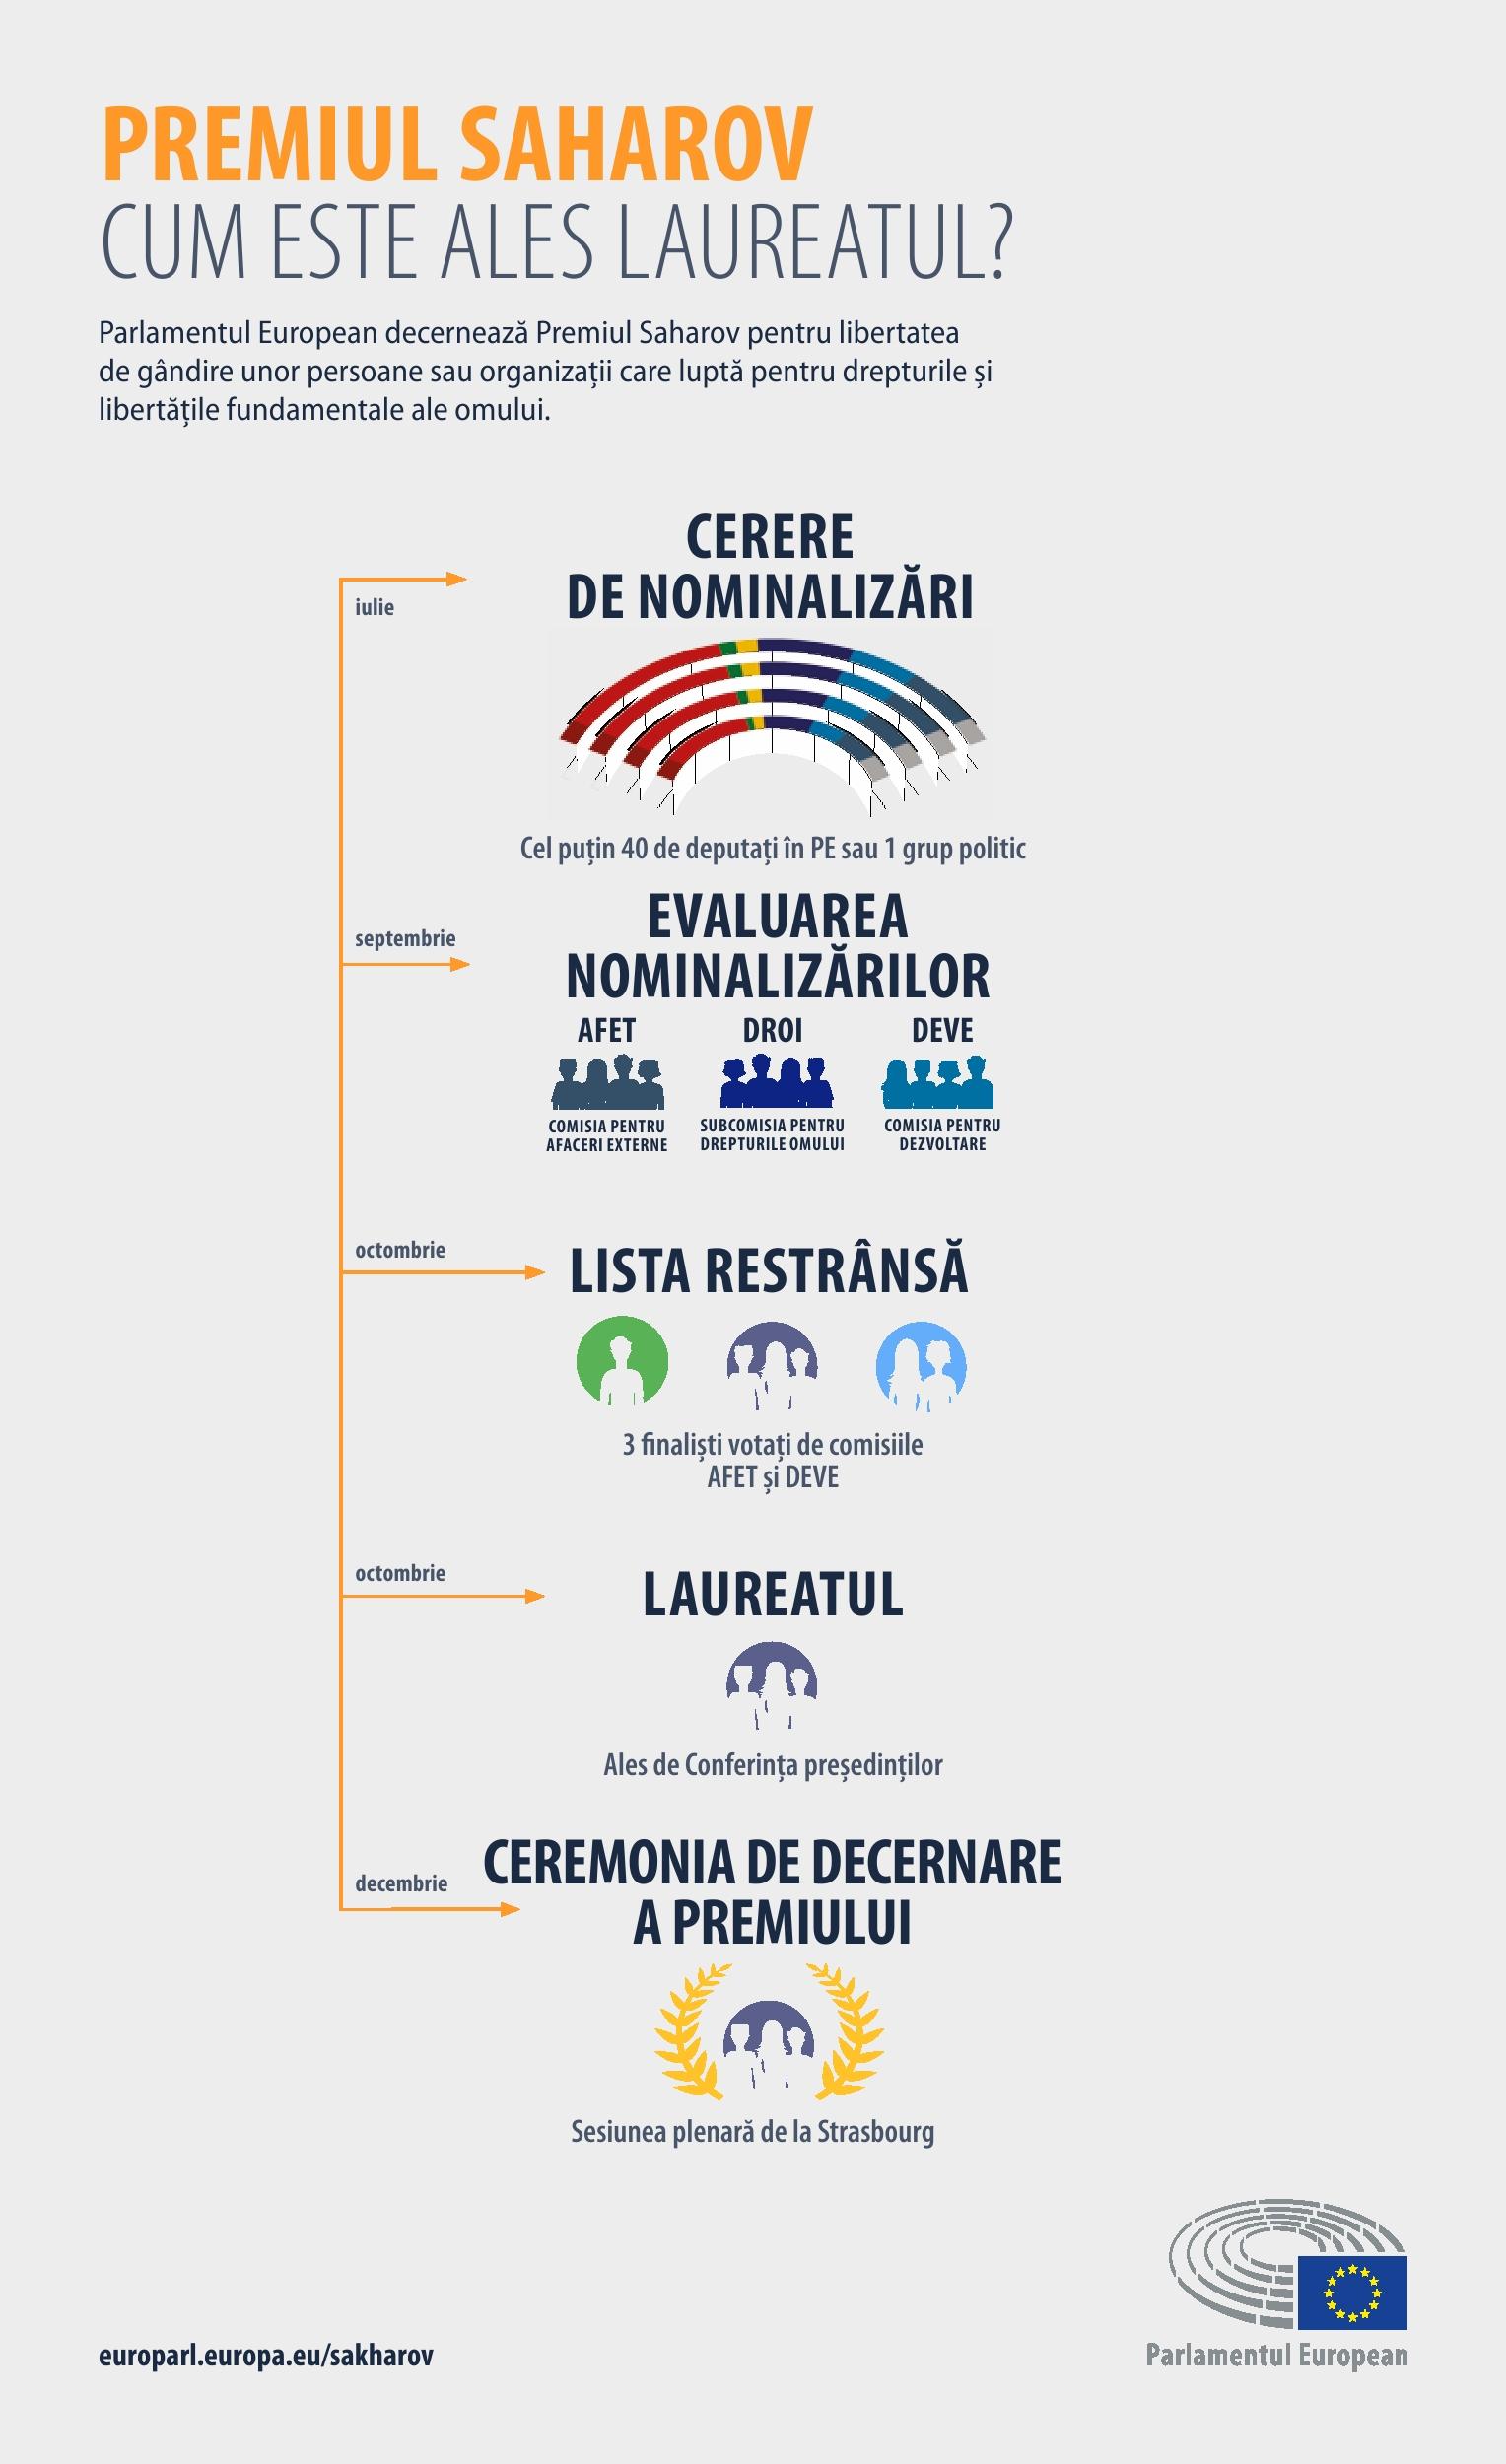 Infografic: Cum este ales laureatul?